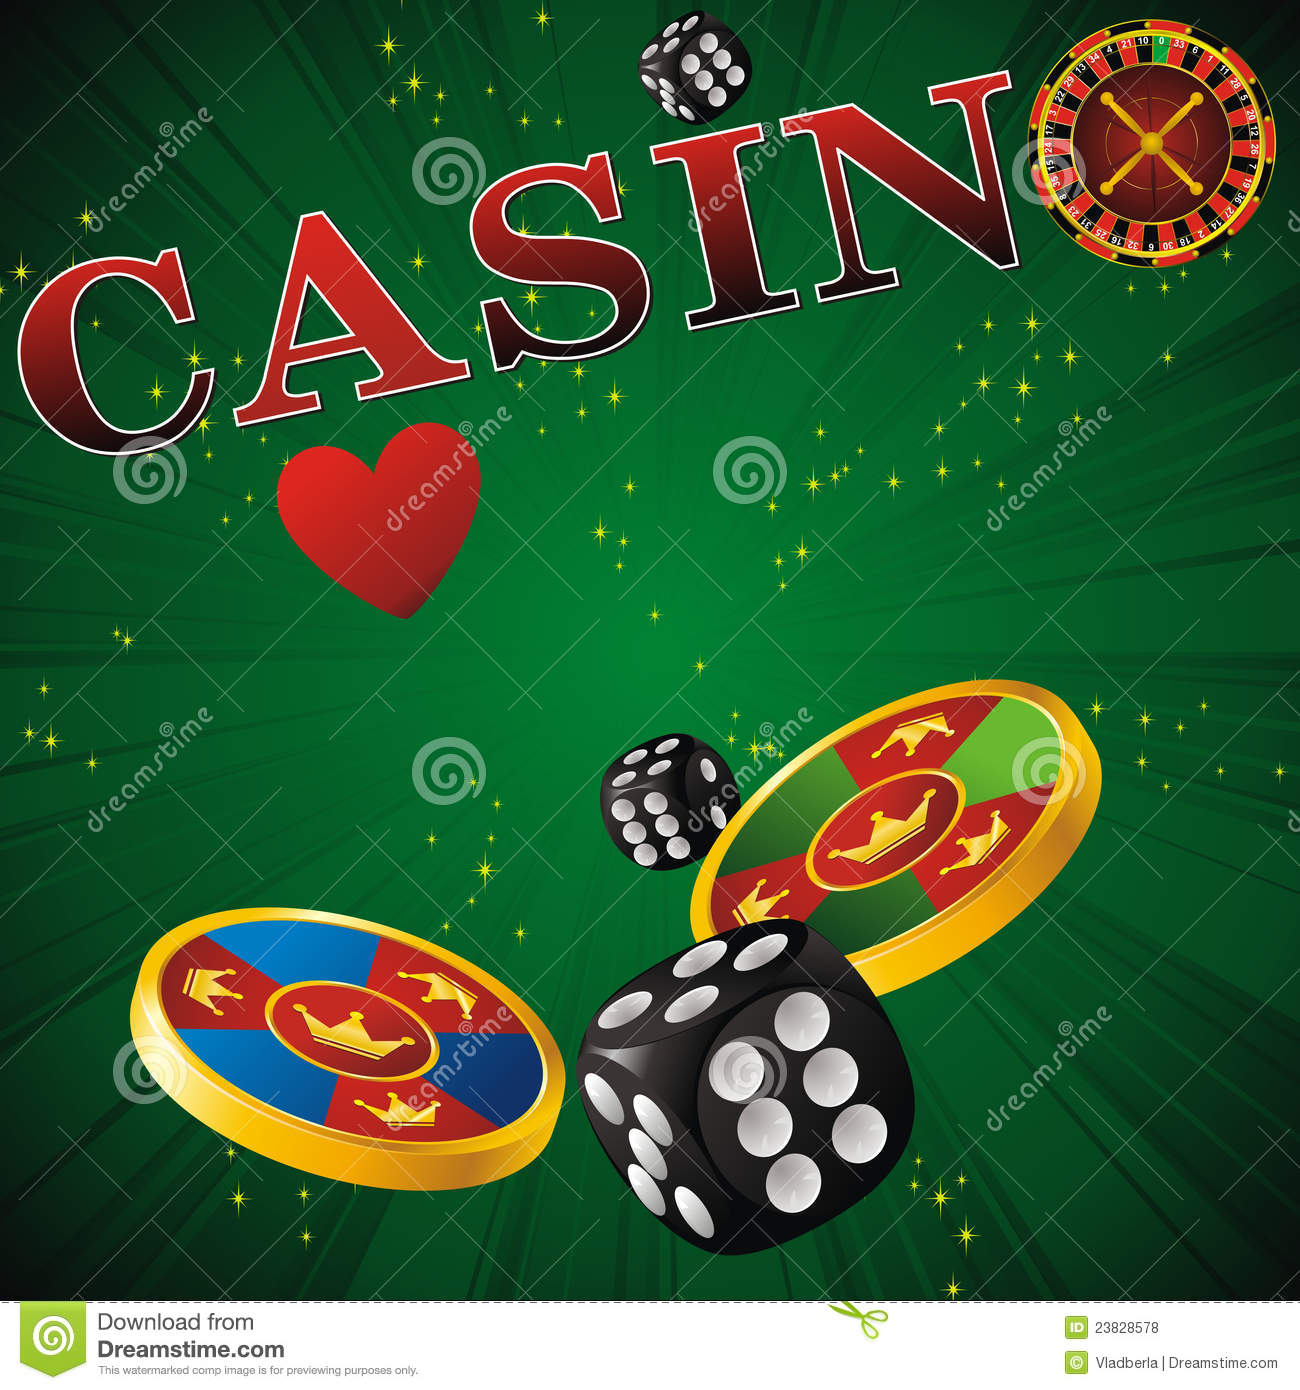 Casino symbols mulvane casino anex